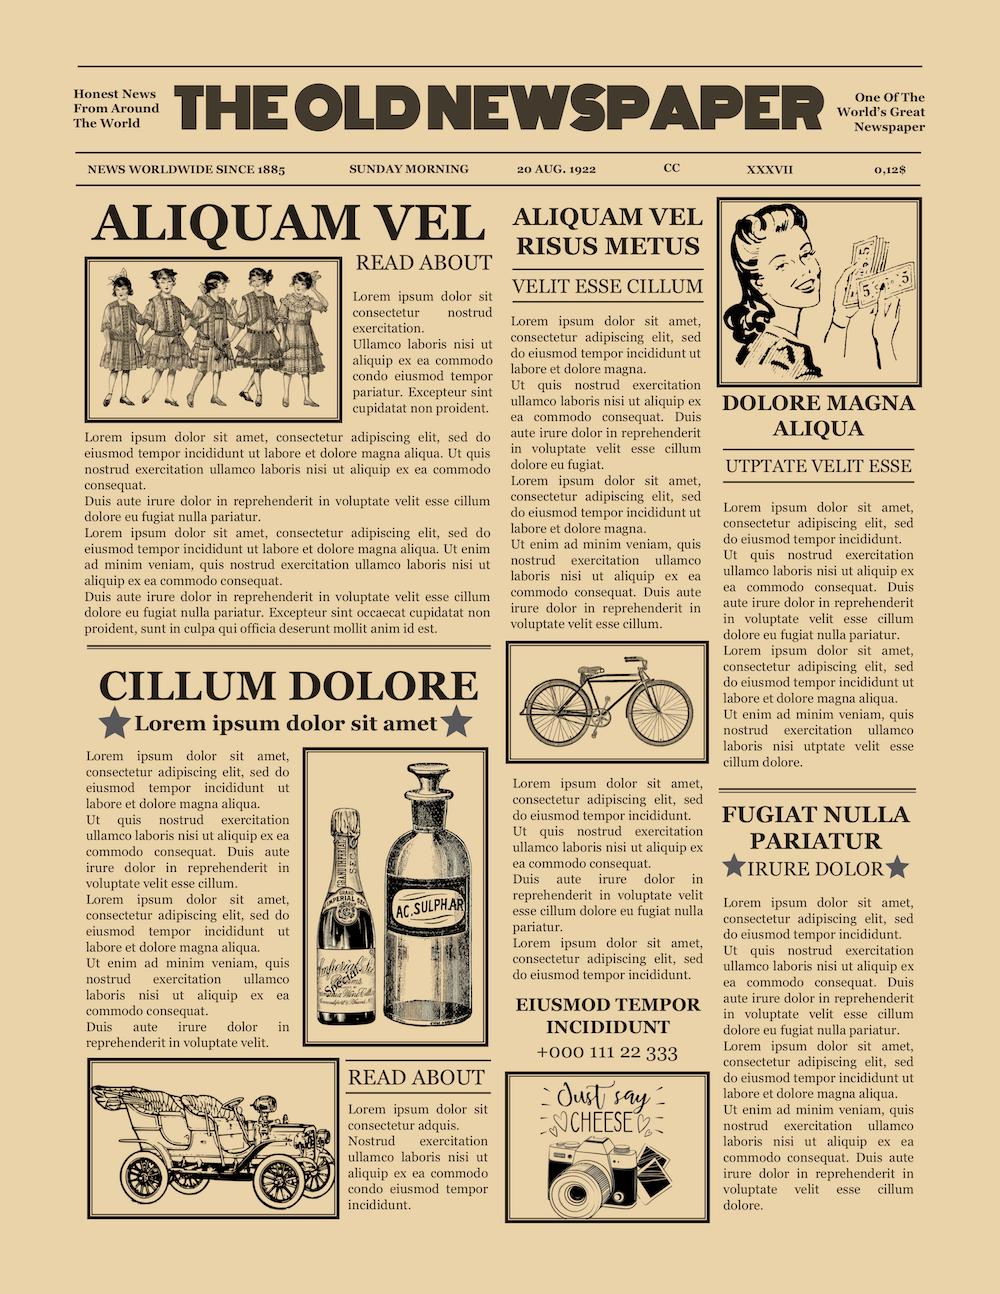 1920 S Vintage Newspaper Template Word In 2020 Newspaper Template Vintage Newspaper Newspaper Template Word